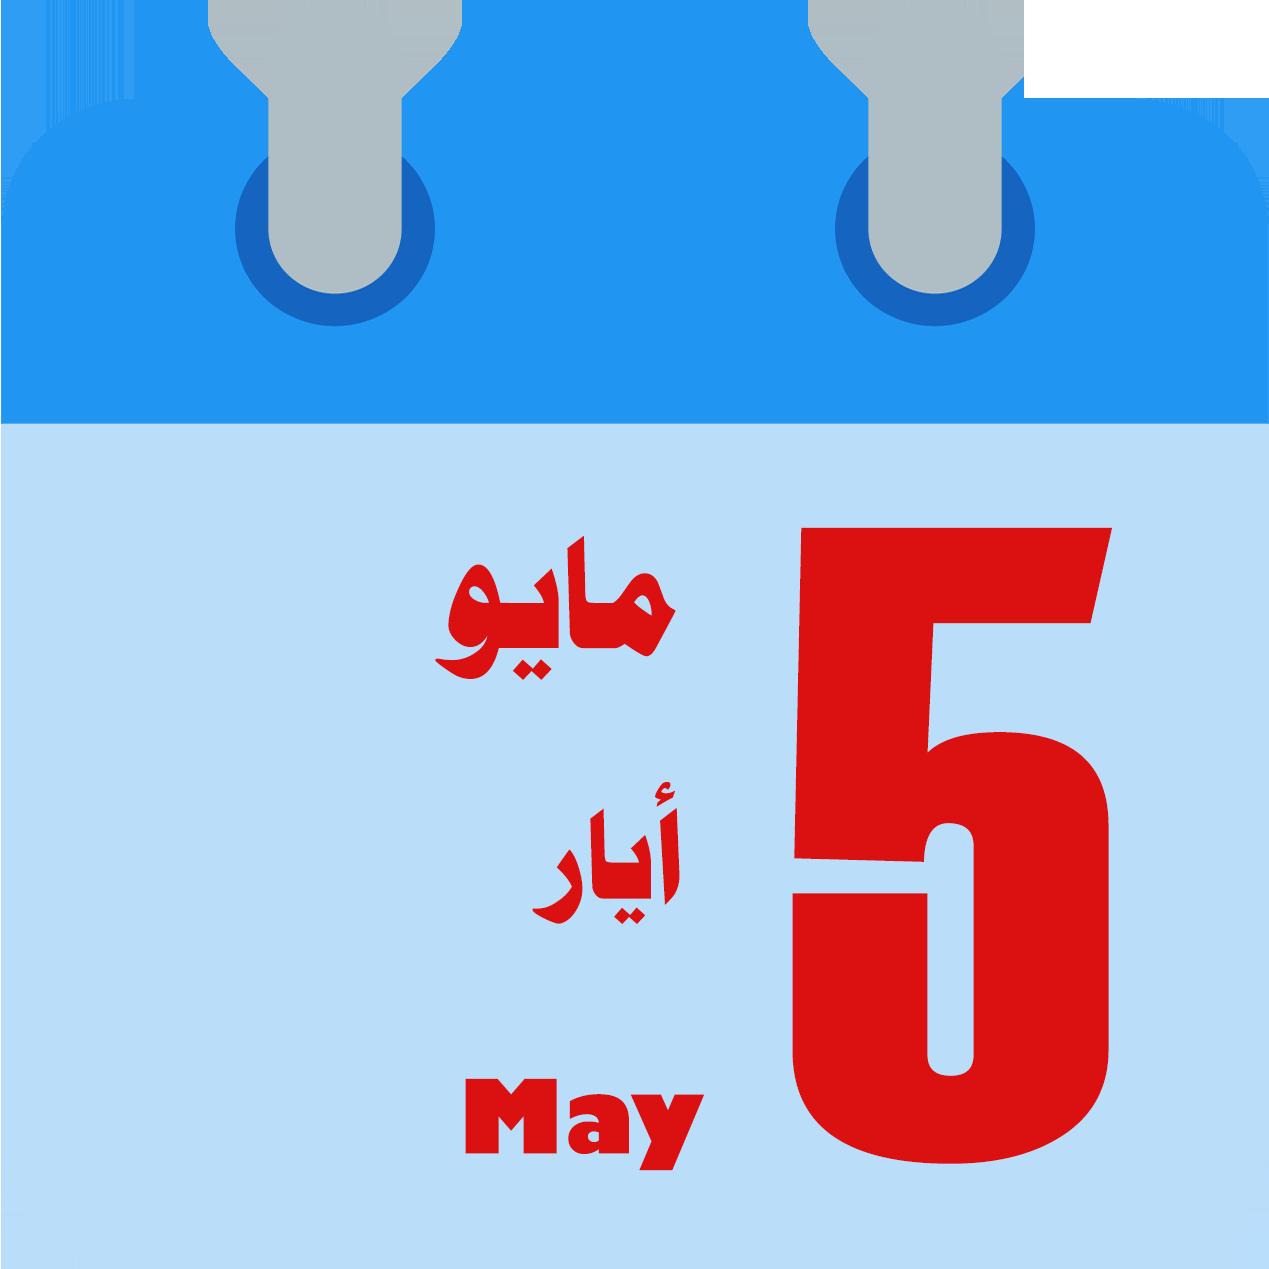 شهر مايو